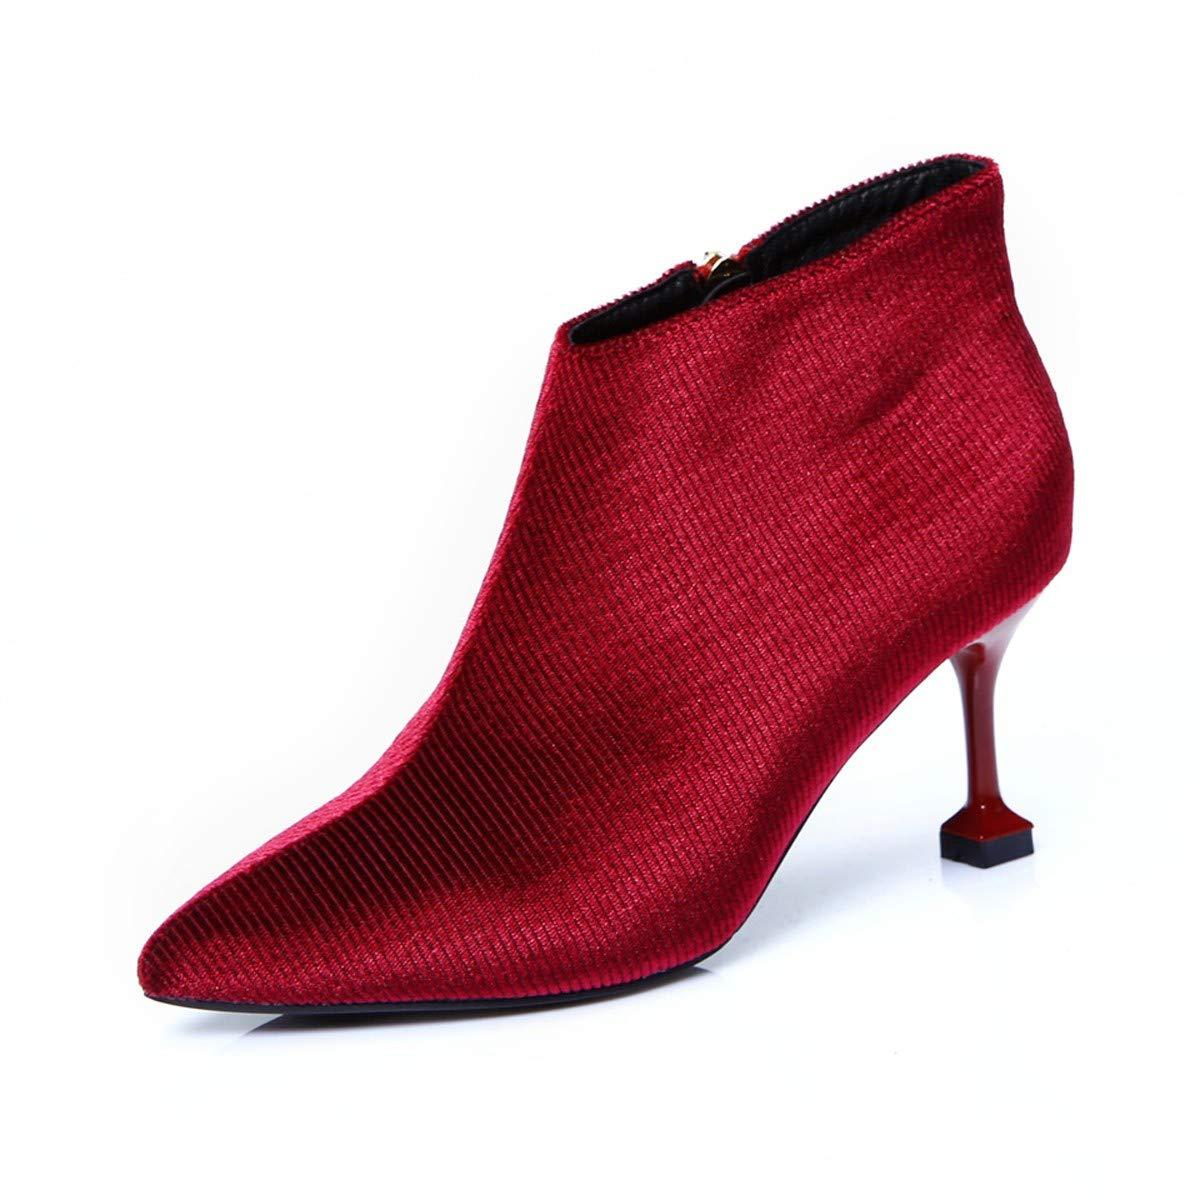 LBTSQ-Einfacher Und Vielseitiger Spitze Seite Seite Seite Reißverschluss 7Cm Nackt Stiefel Dünne Sohle Hochhackigen Stiefel Kurze Stiefel Mode. 861e16